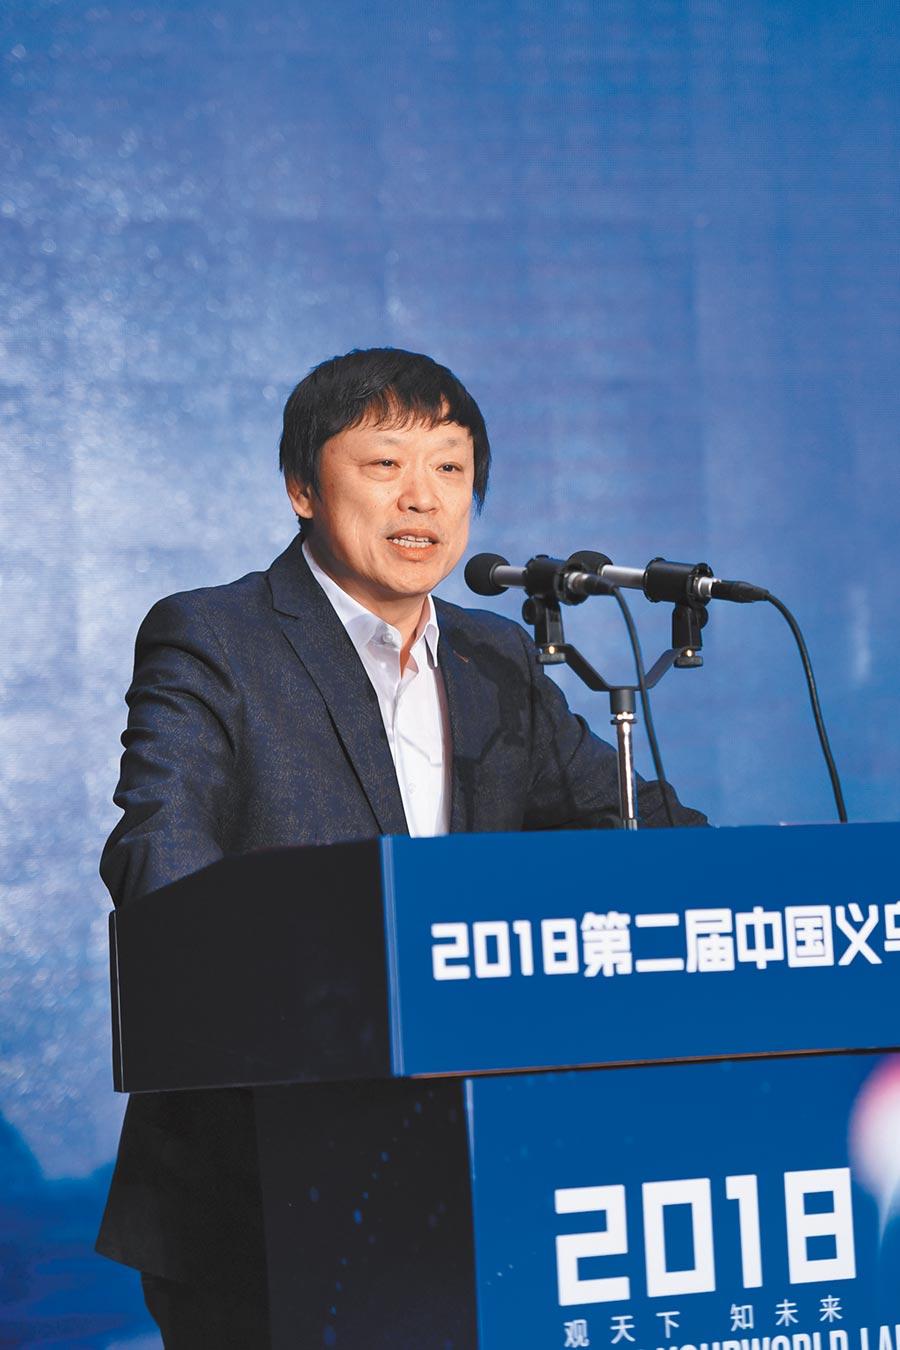 2018年1月27日,《環球時報》總編輯胡錫進在論壇發表主題演講。(中新社)